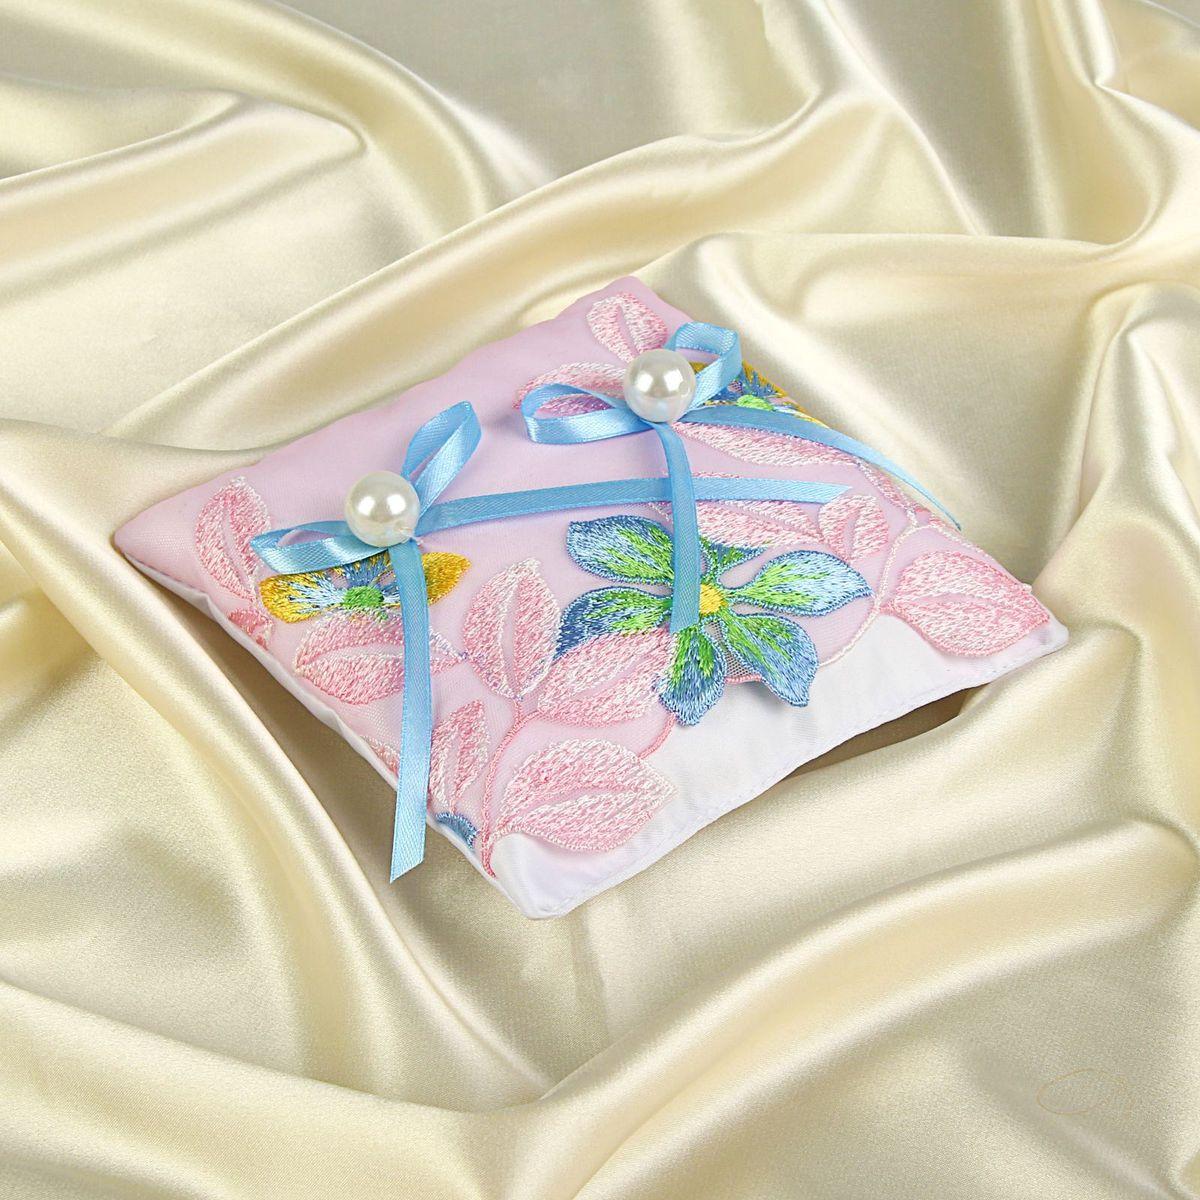 Подушка для колец Sima-land, цвет: розовый. 11618581161858Подушка для колец добавит торжественности в грандиозный момент обмена символами любви и передаст всем присутствующим романтическое настроение влюблённой пары.Подарите себе великолепное настроение и превратите свою свадьбу в самое счастливое воспоминание.